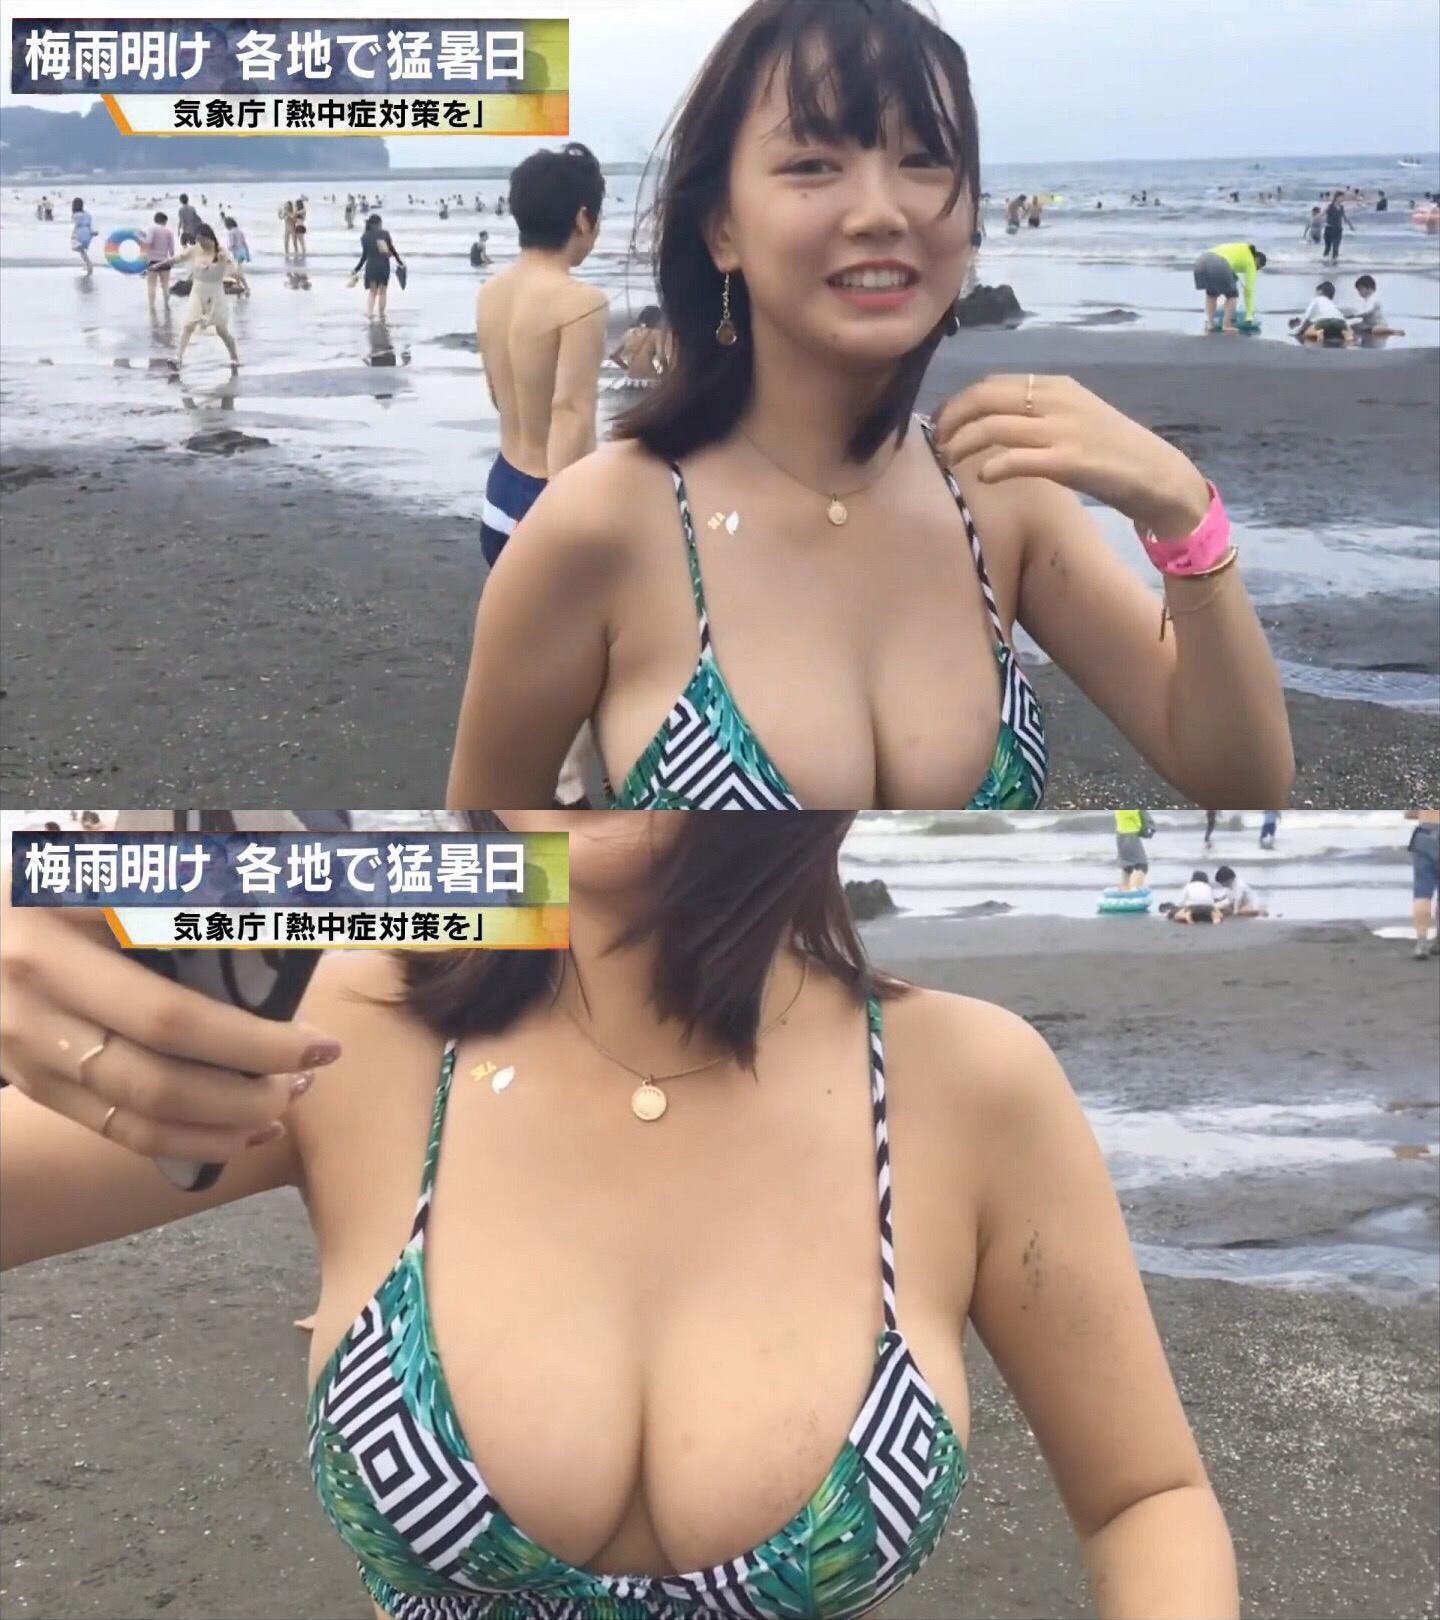 素人の女さん、爆乳おっぱいがご褒美としてテレビに写ってしまうwwwwwwwwww hOMana3